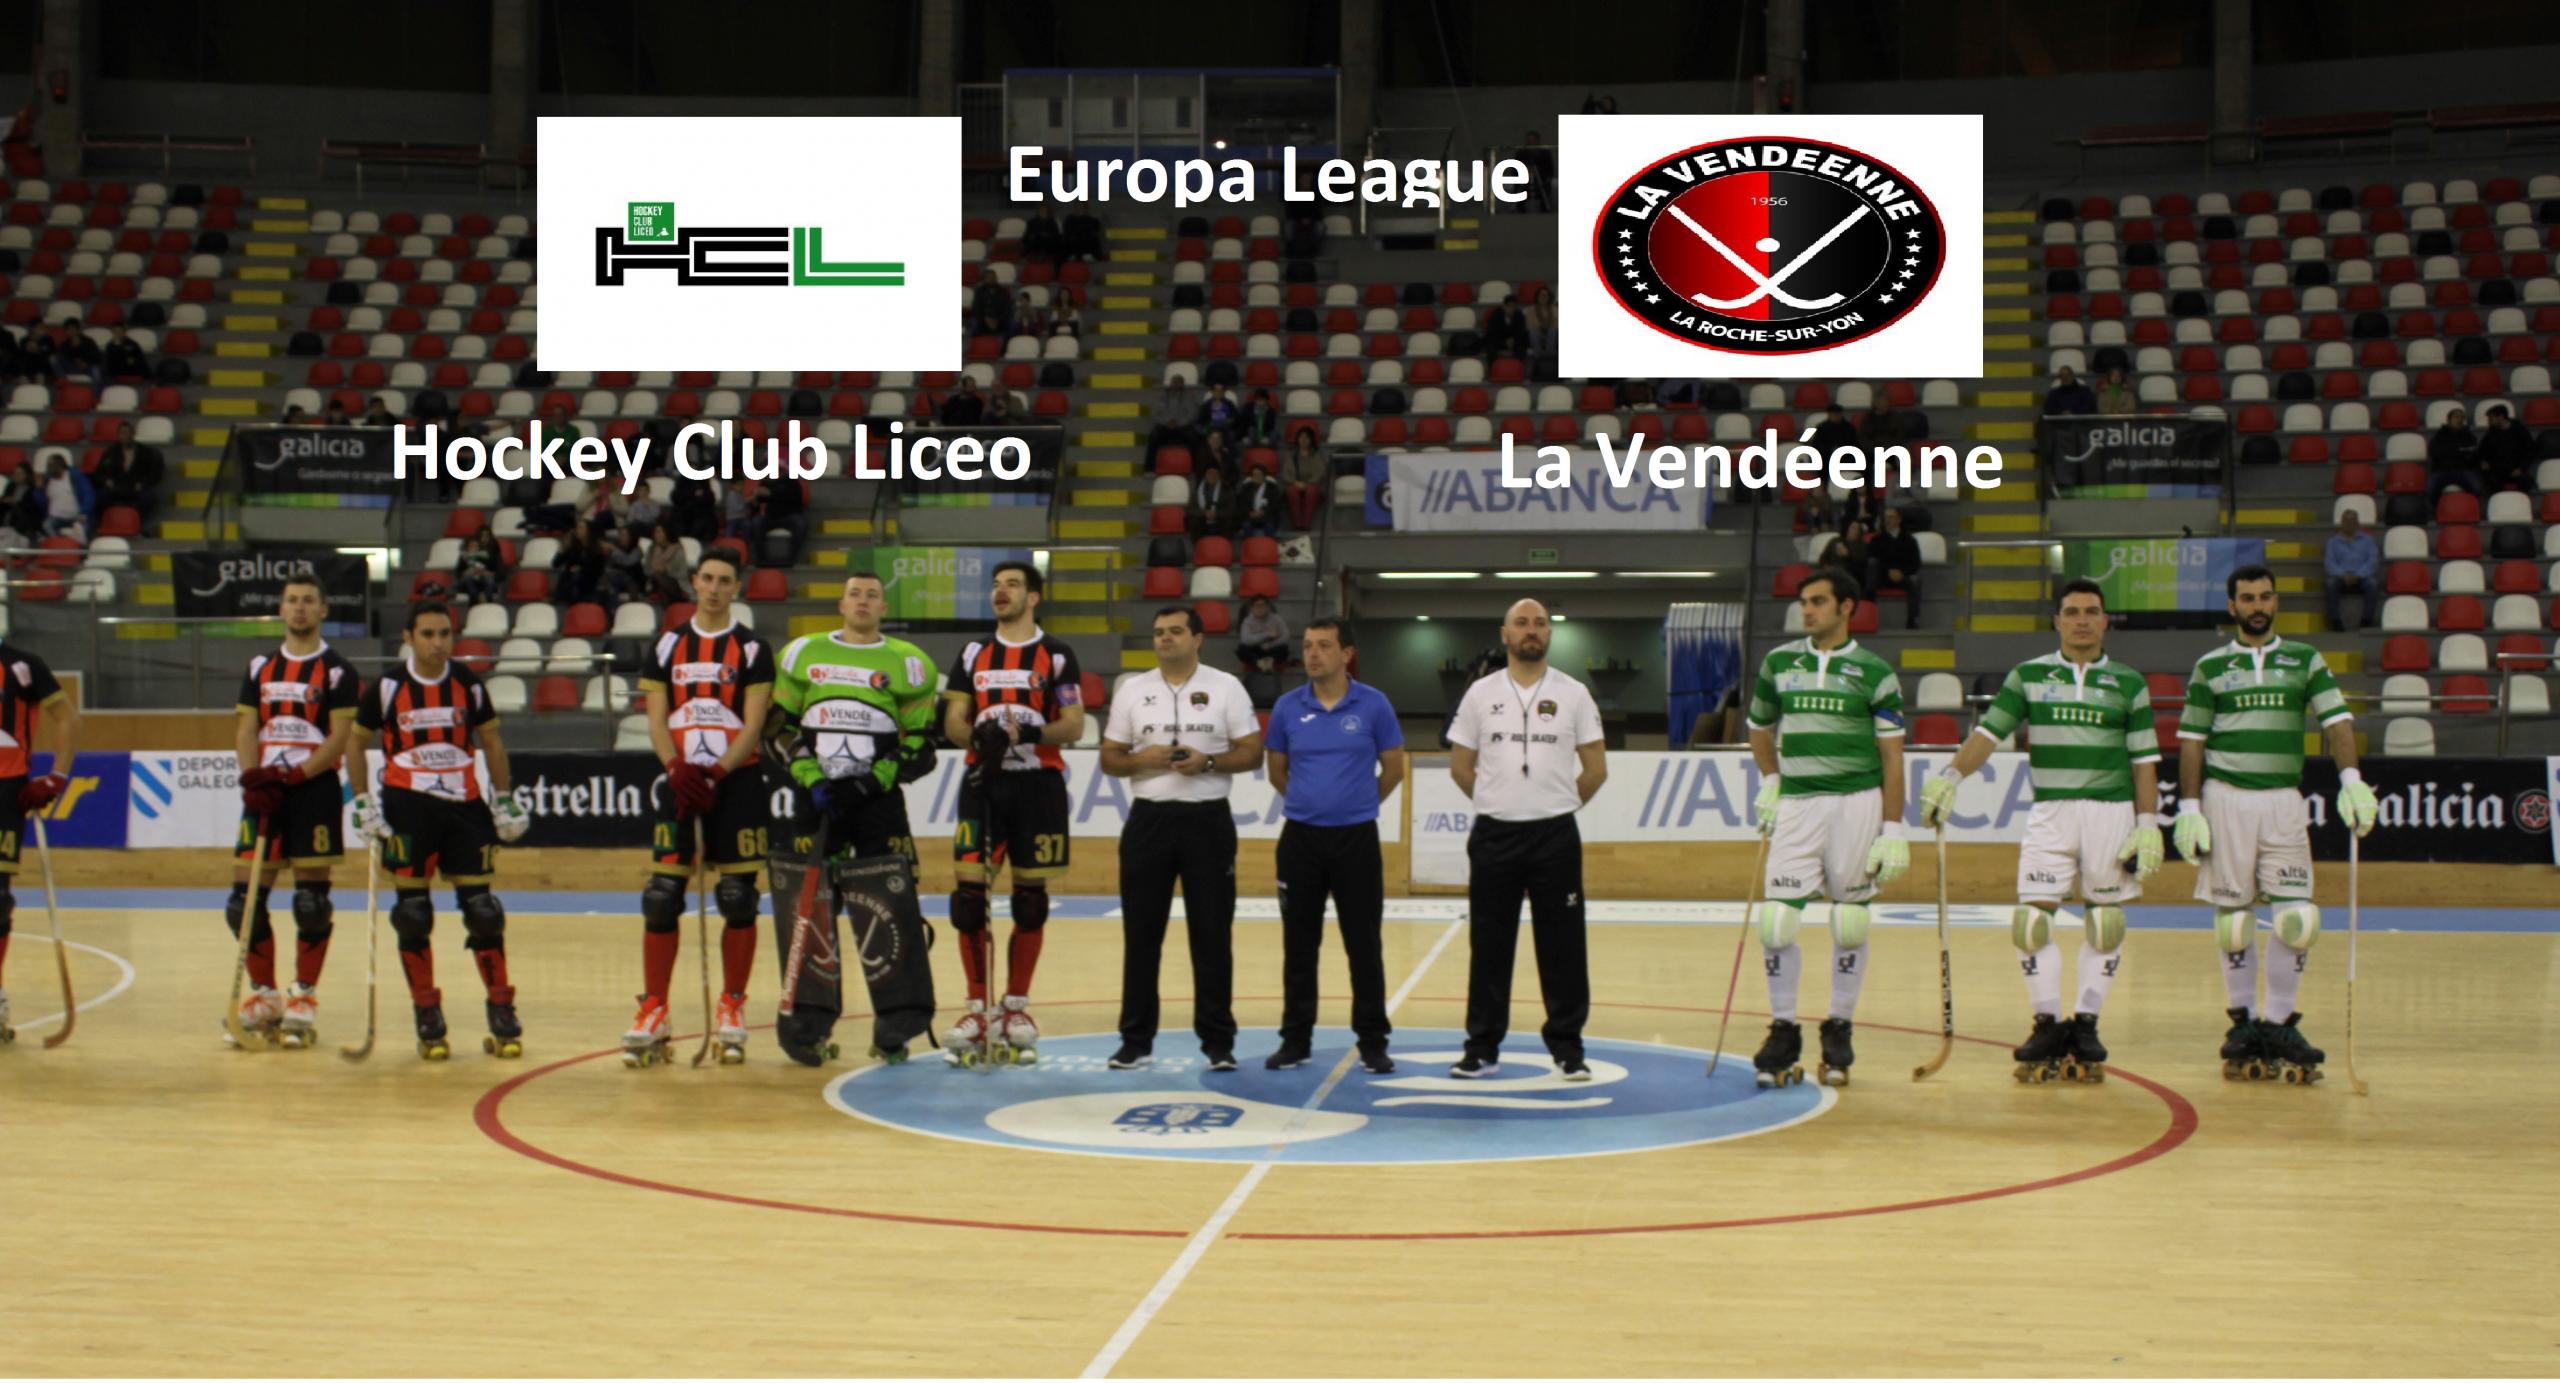 Resúmen del partido Euroleague Hc Liceo – La Vendéenne